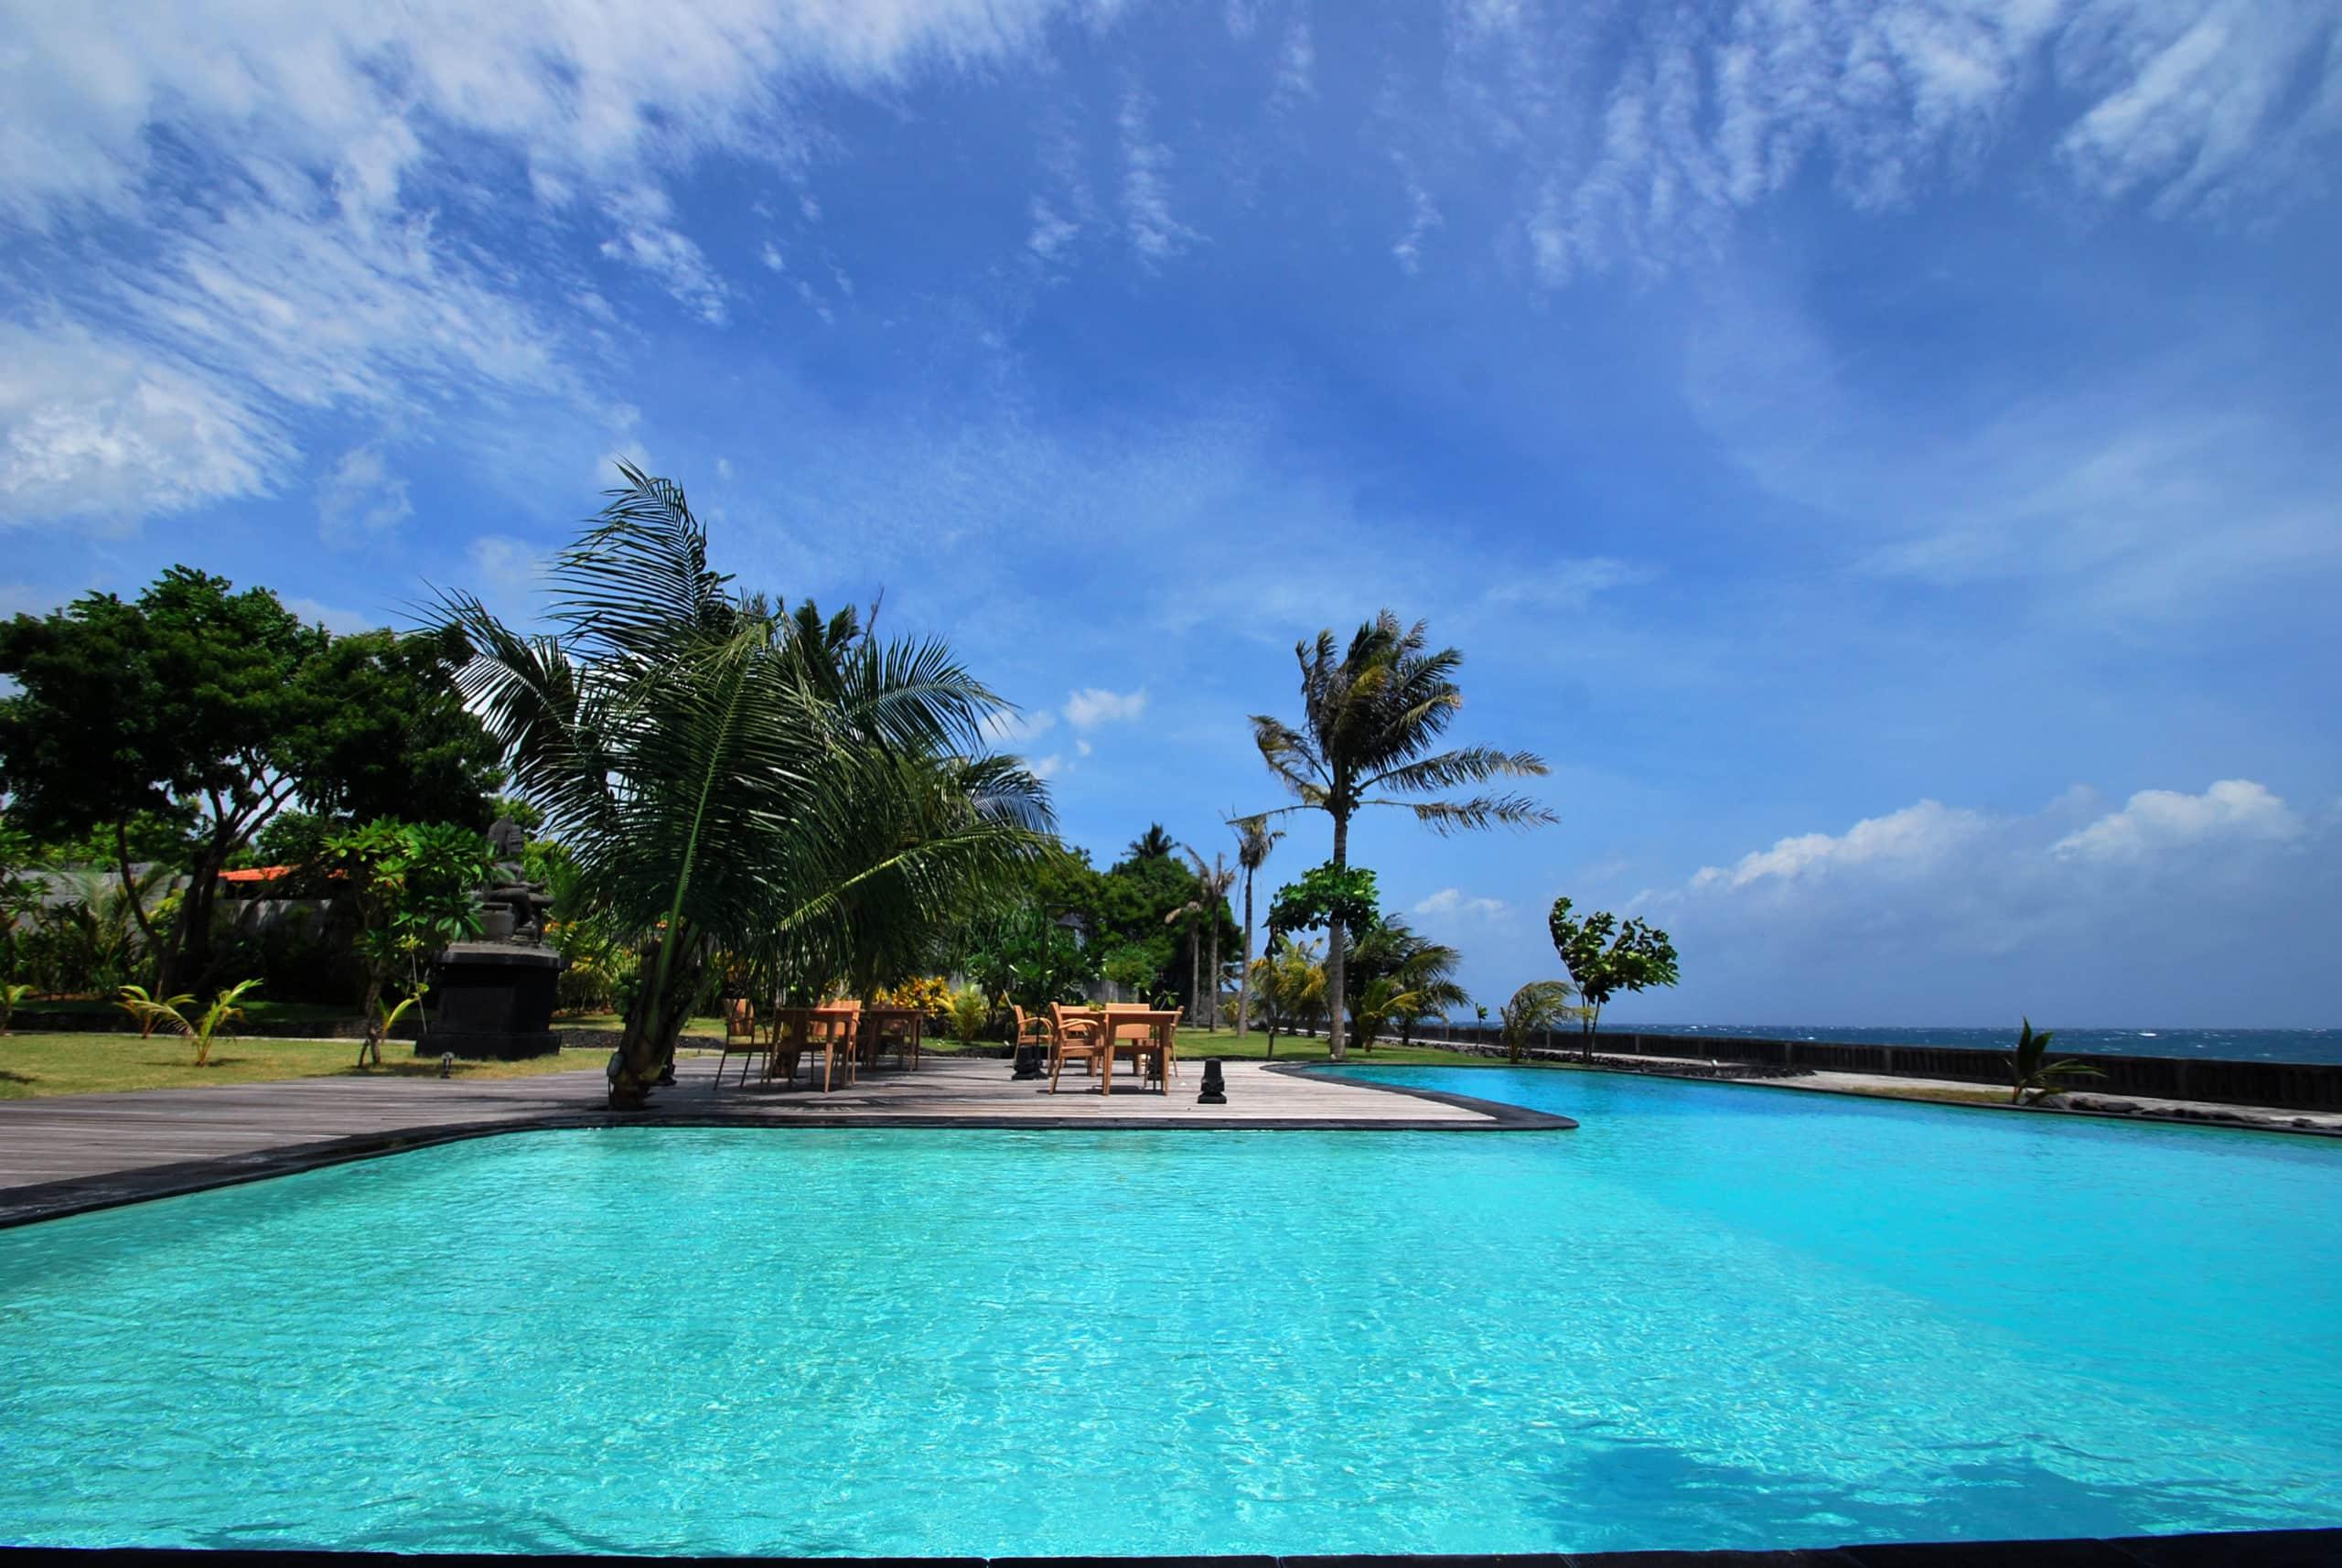 tulamben public pool